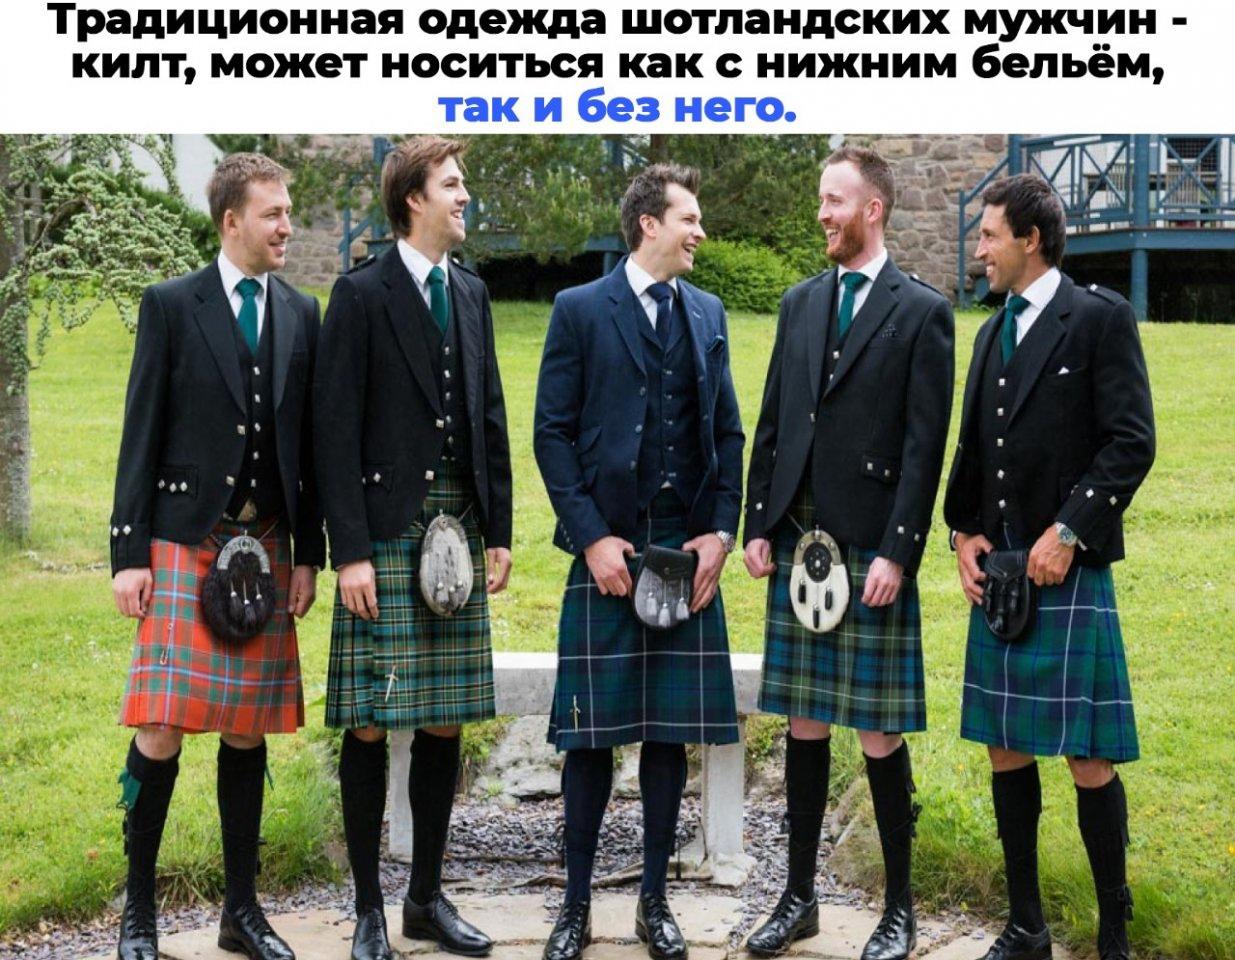 Почему шотландцы не носят трусы